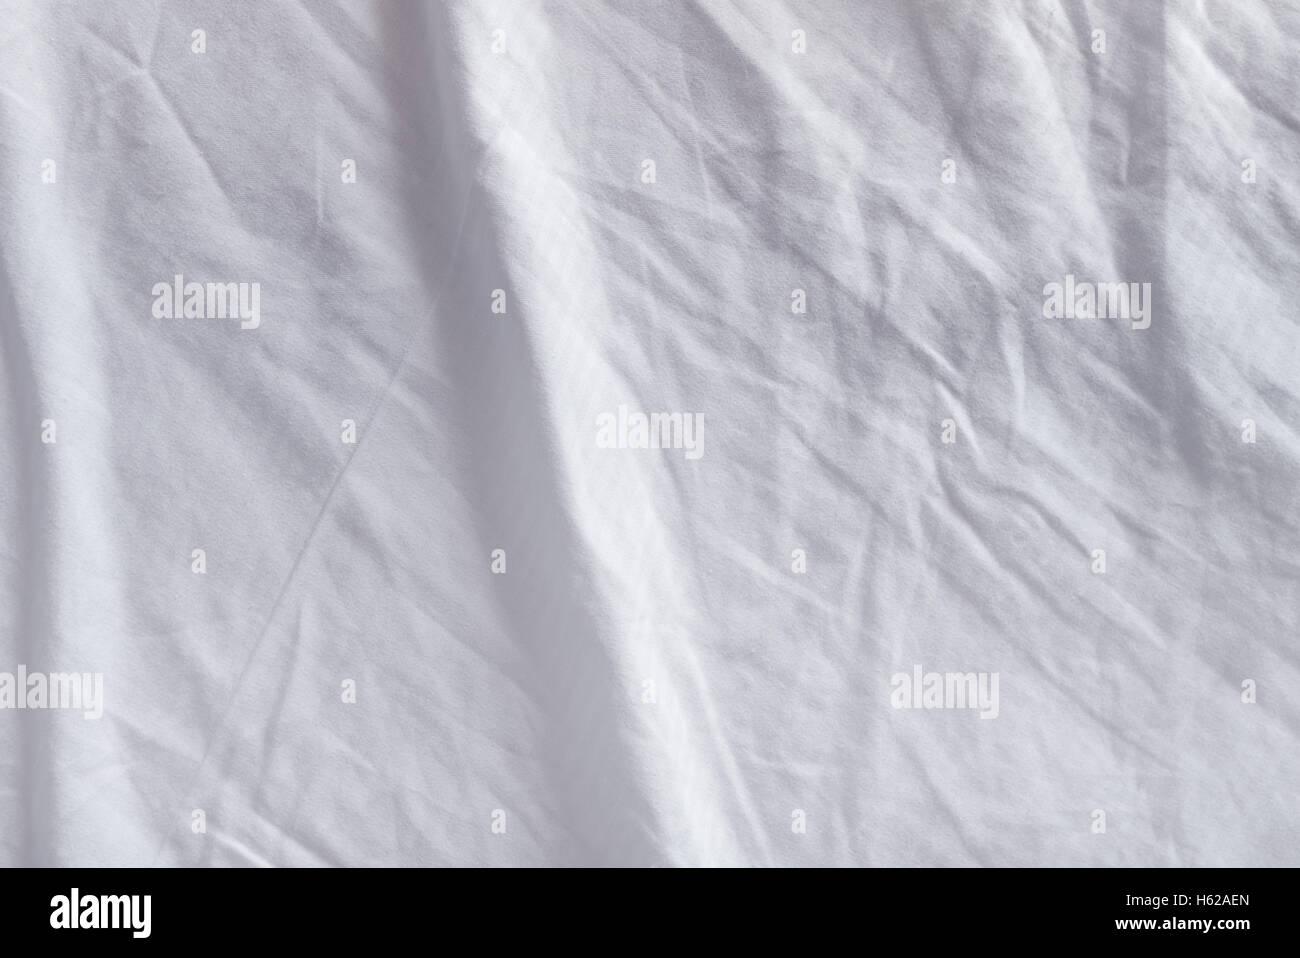 Crumpled texture di biancheria da letto, vista dall'alto di usato lenzuola Immagini Stock